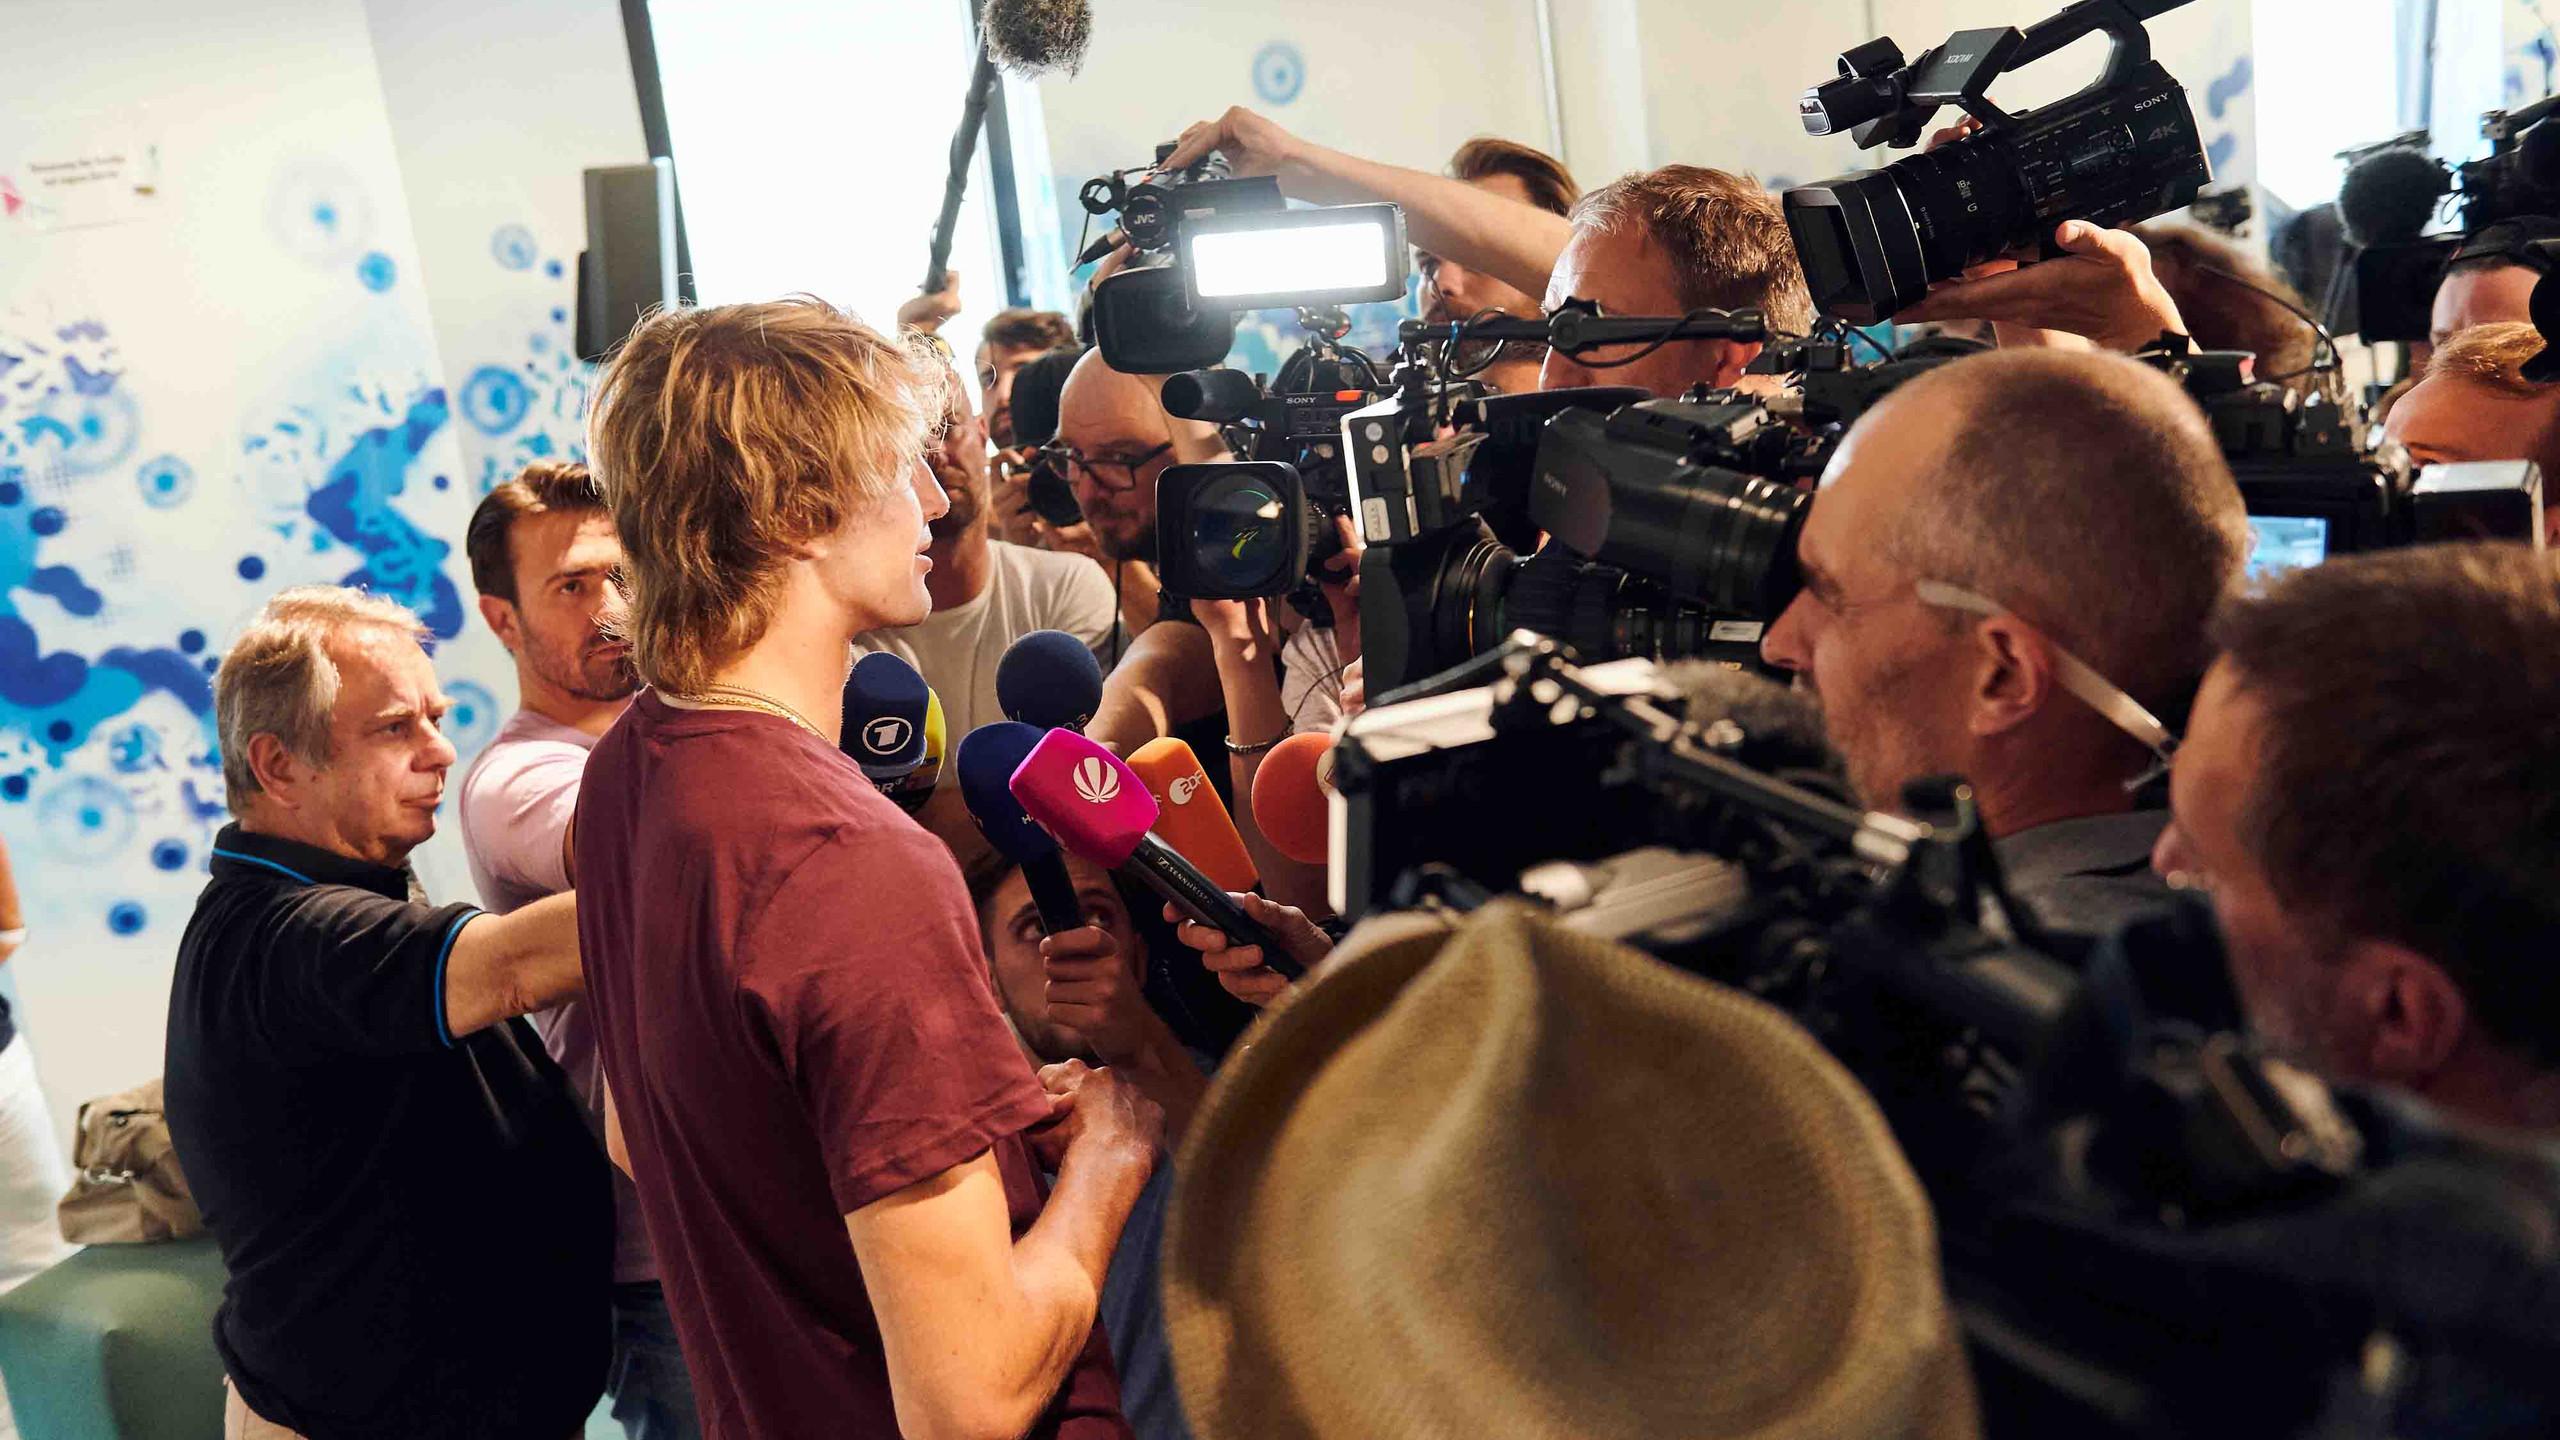 Tennisprofi Alexander Zverev bei der Pressekonferenz im Hamburger Ding